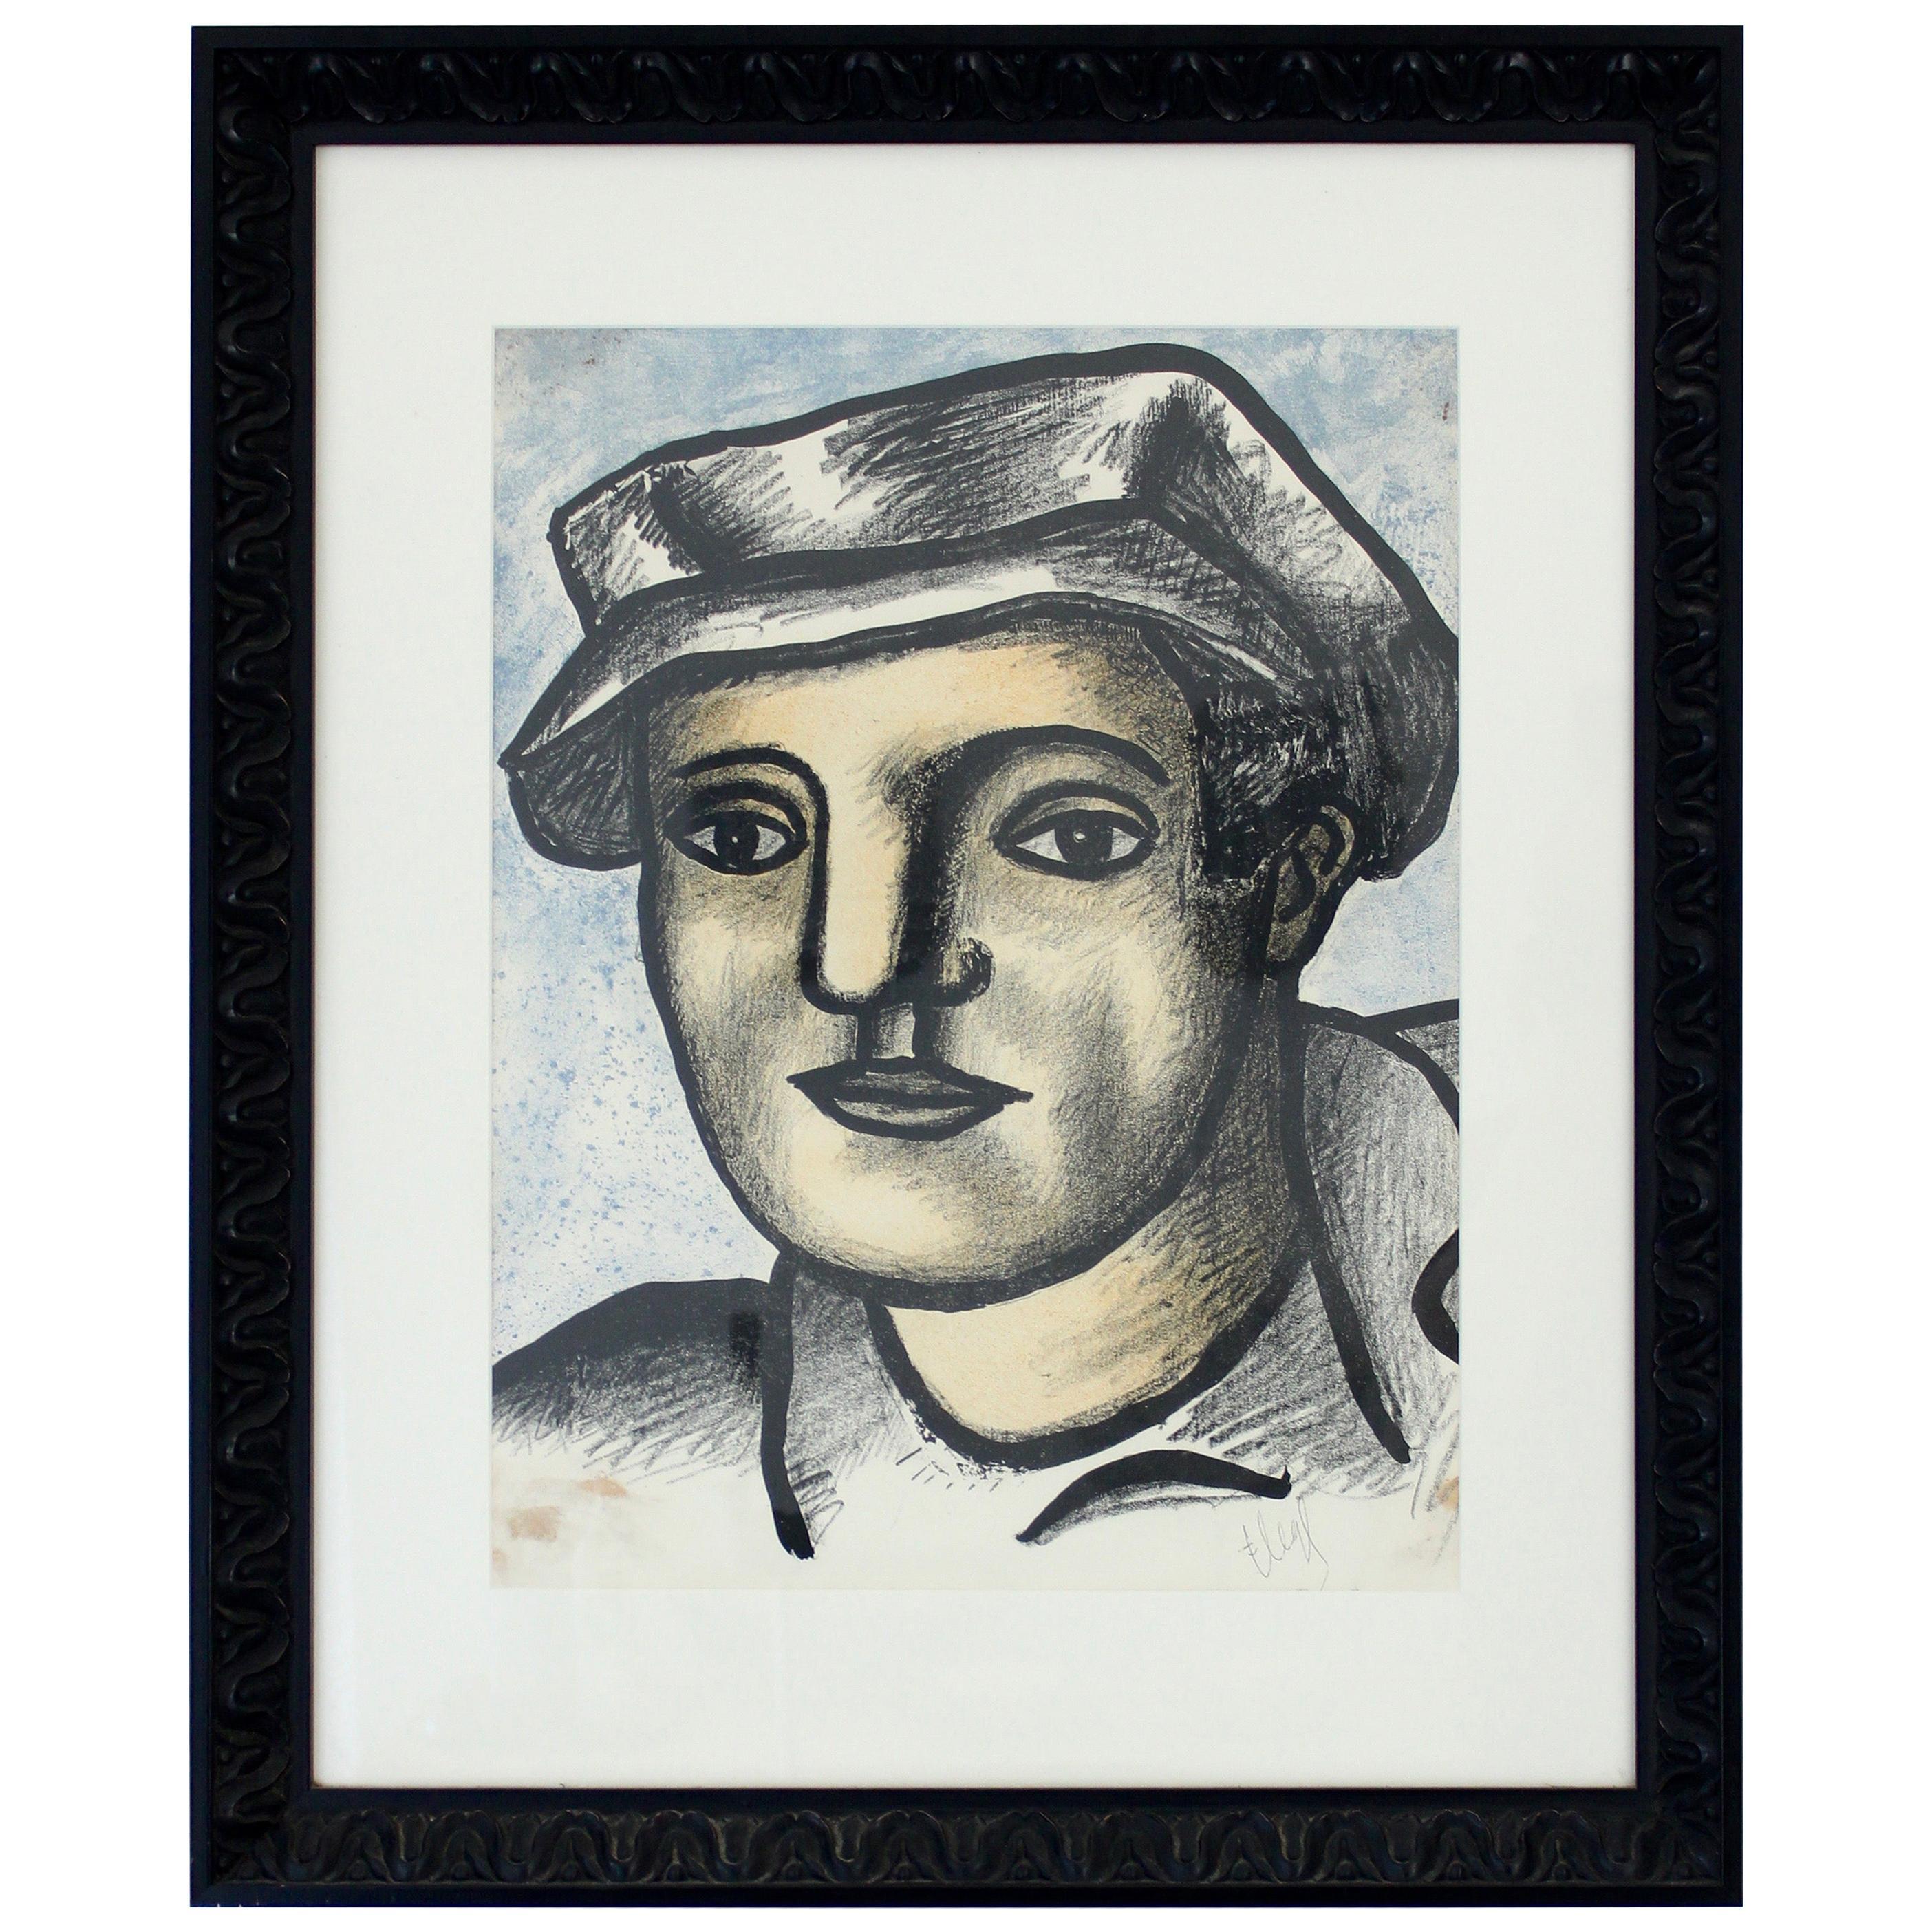 L'ouvrier Fernand Léger Lithograph, 1951